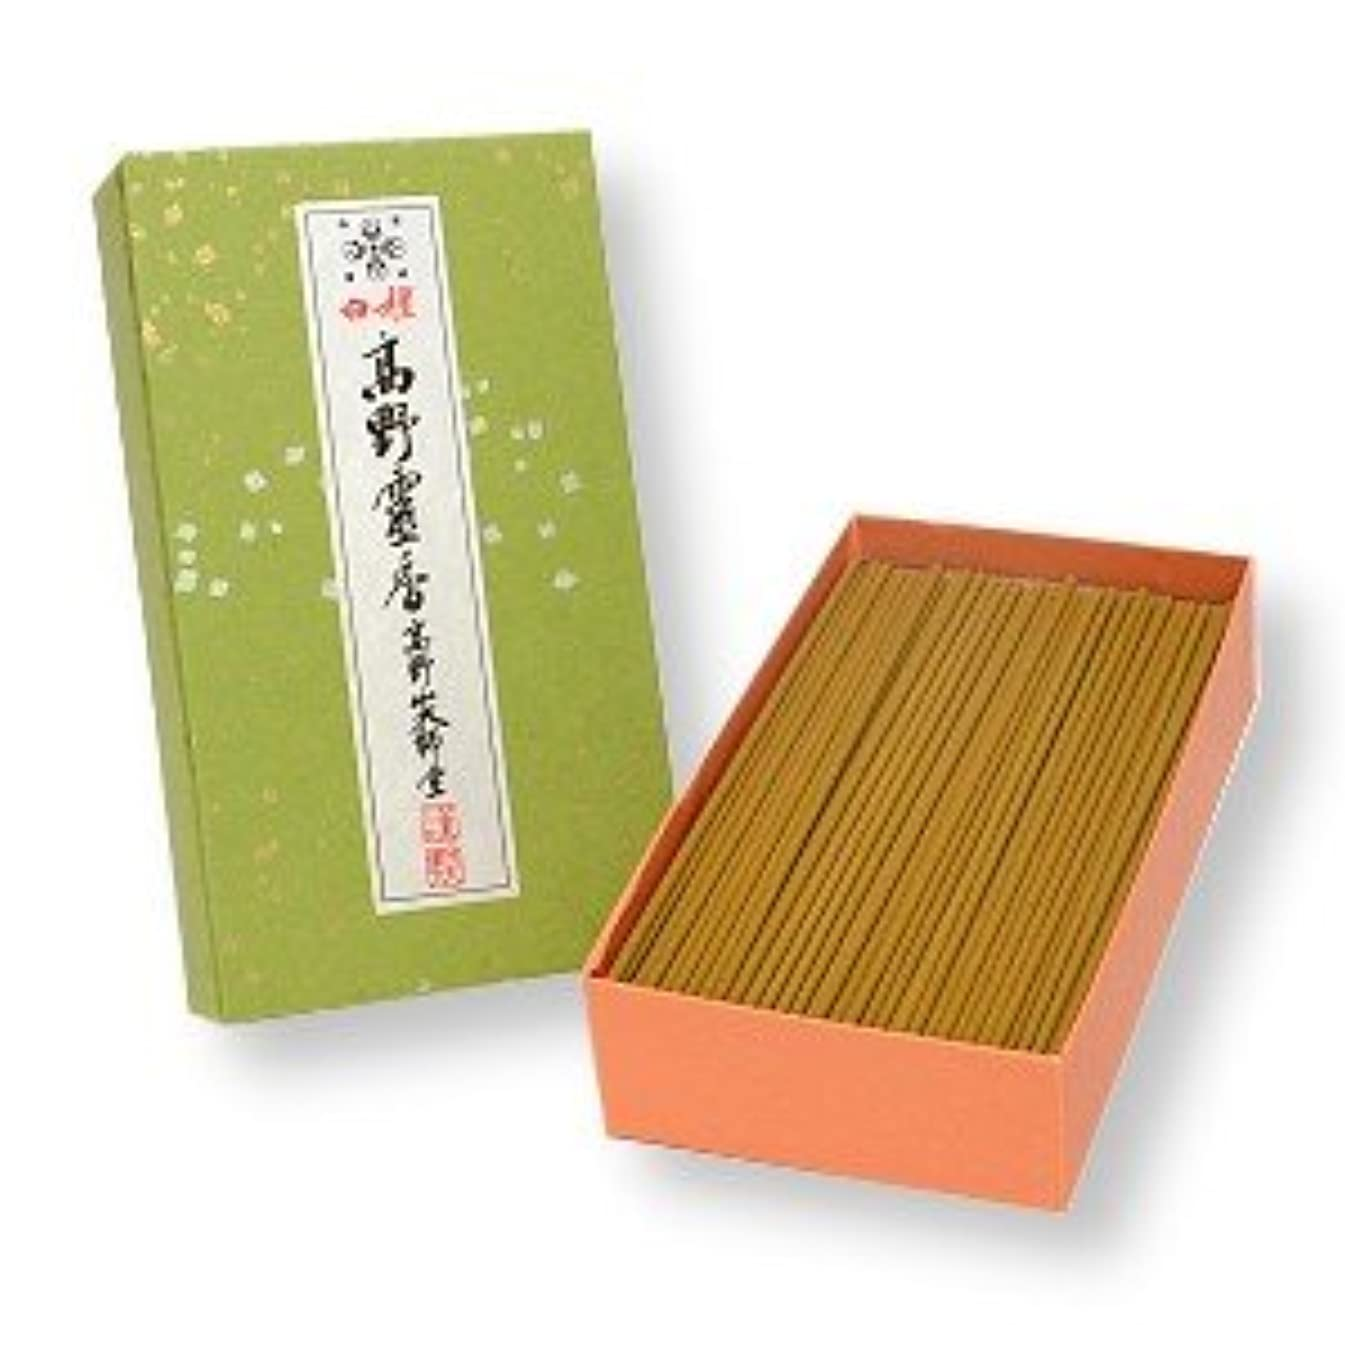 剣ボスデザイナー高野山のお線香 白檀高野霊香 5寸13cm 大箱